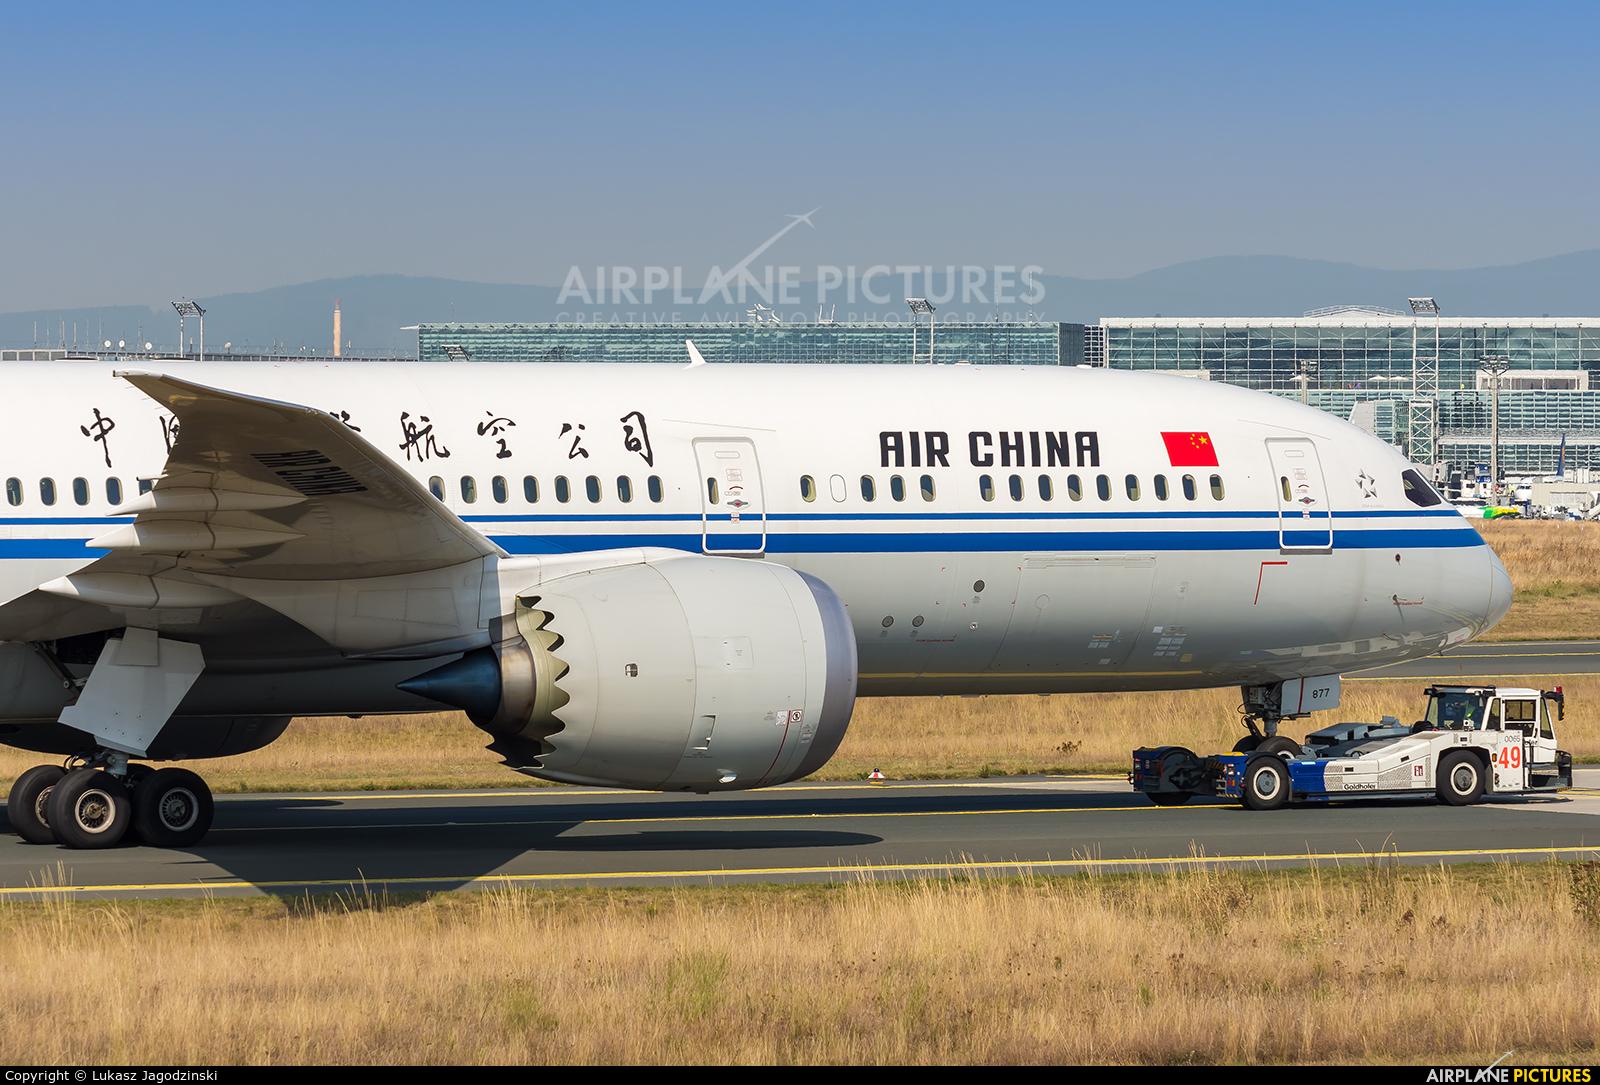 Air China B-7877 aircraft at Frankfurt